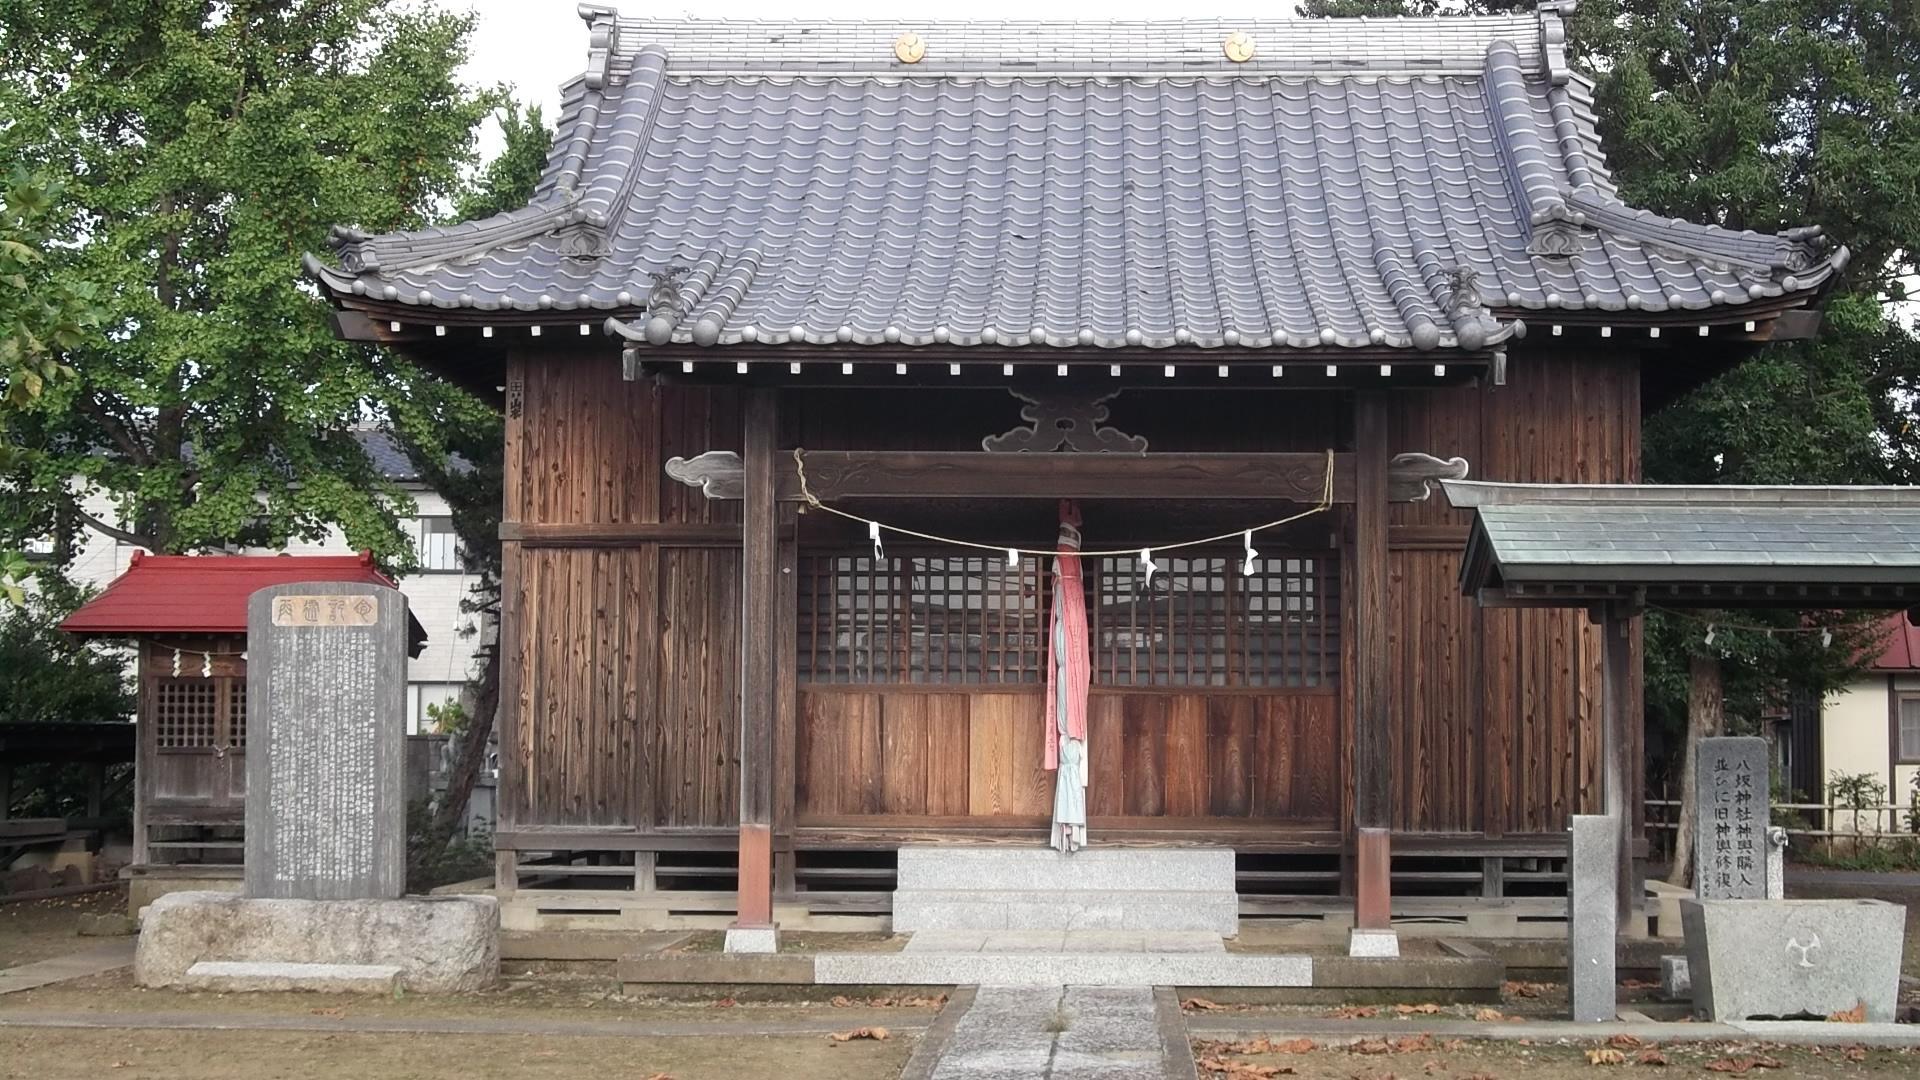 柿木八坂神社の本殿